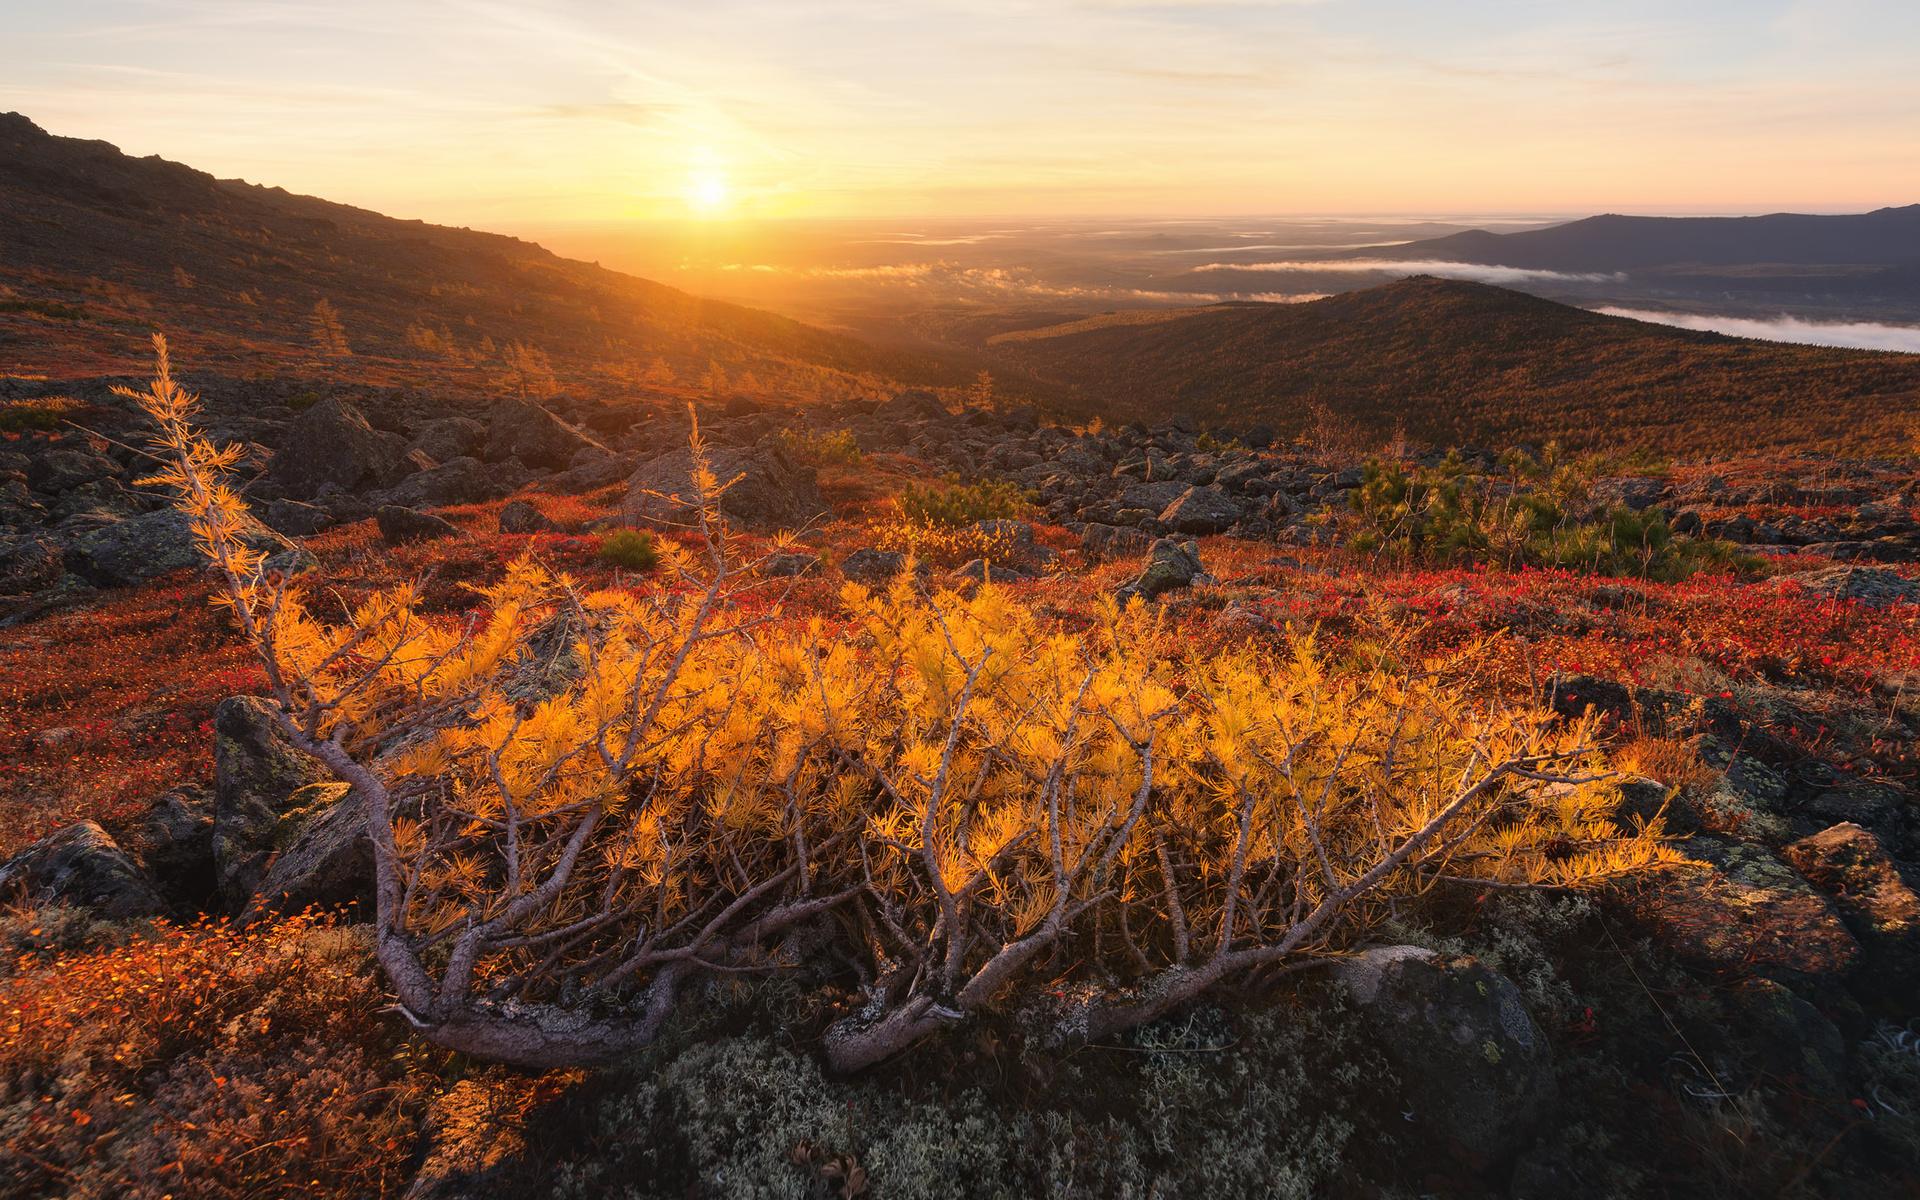 осень, горы, пейзаж, михаил туркеев